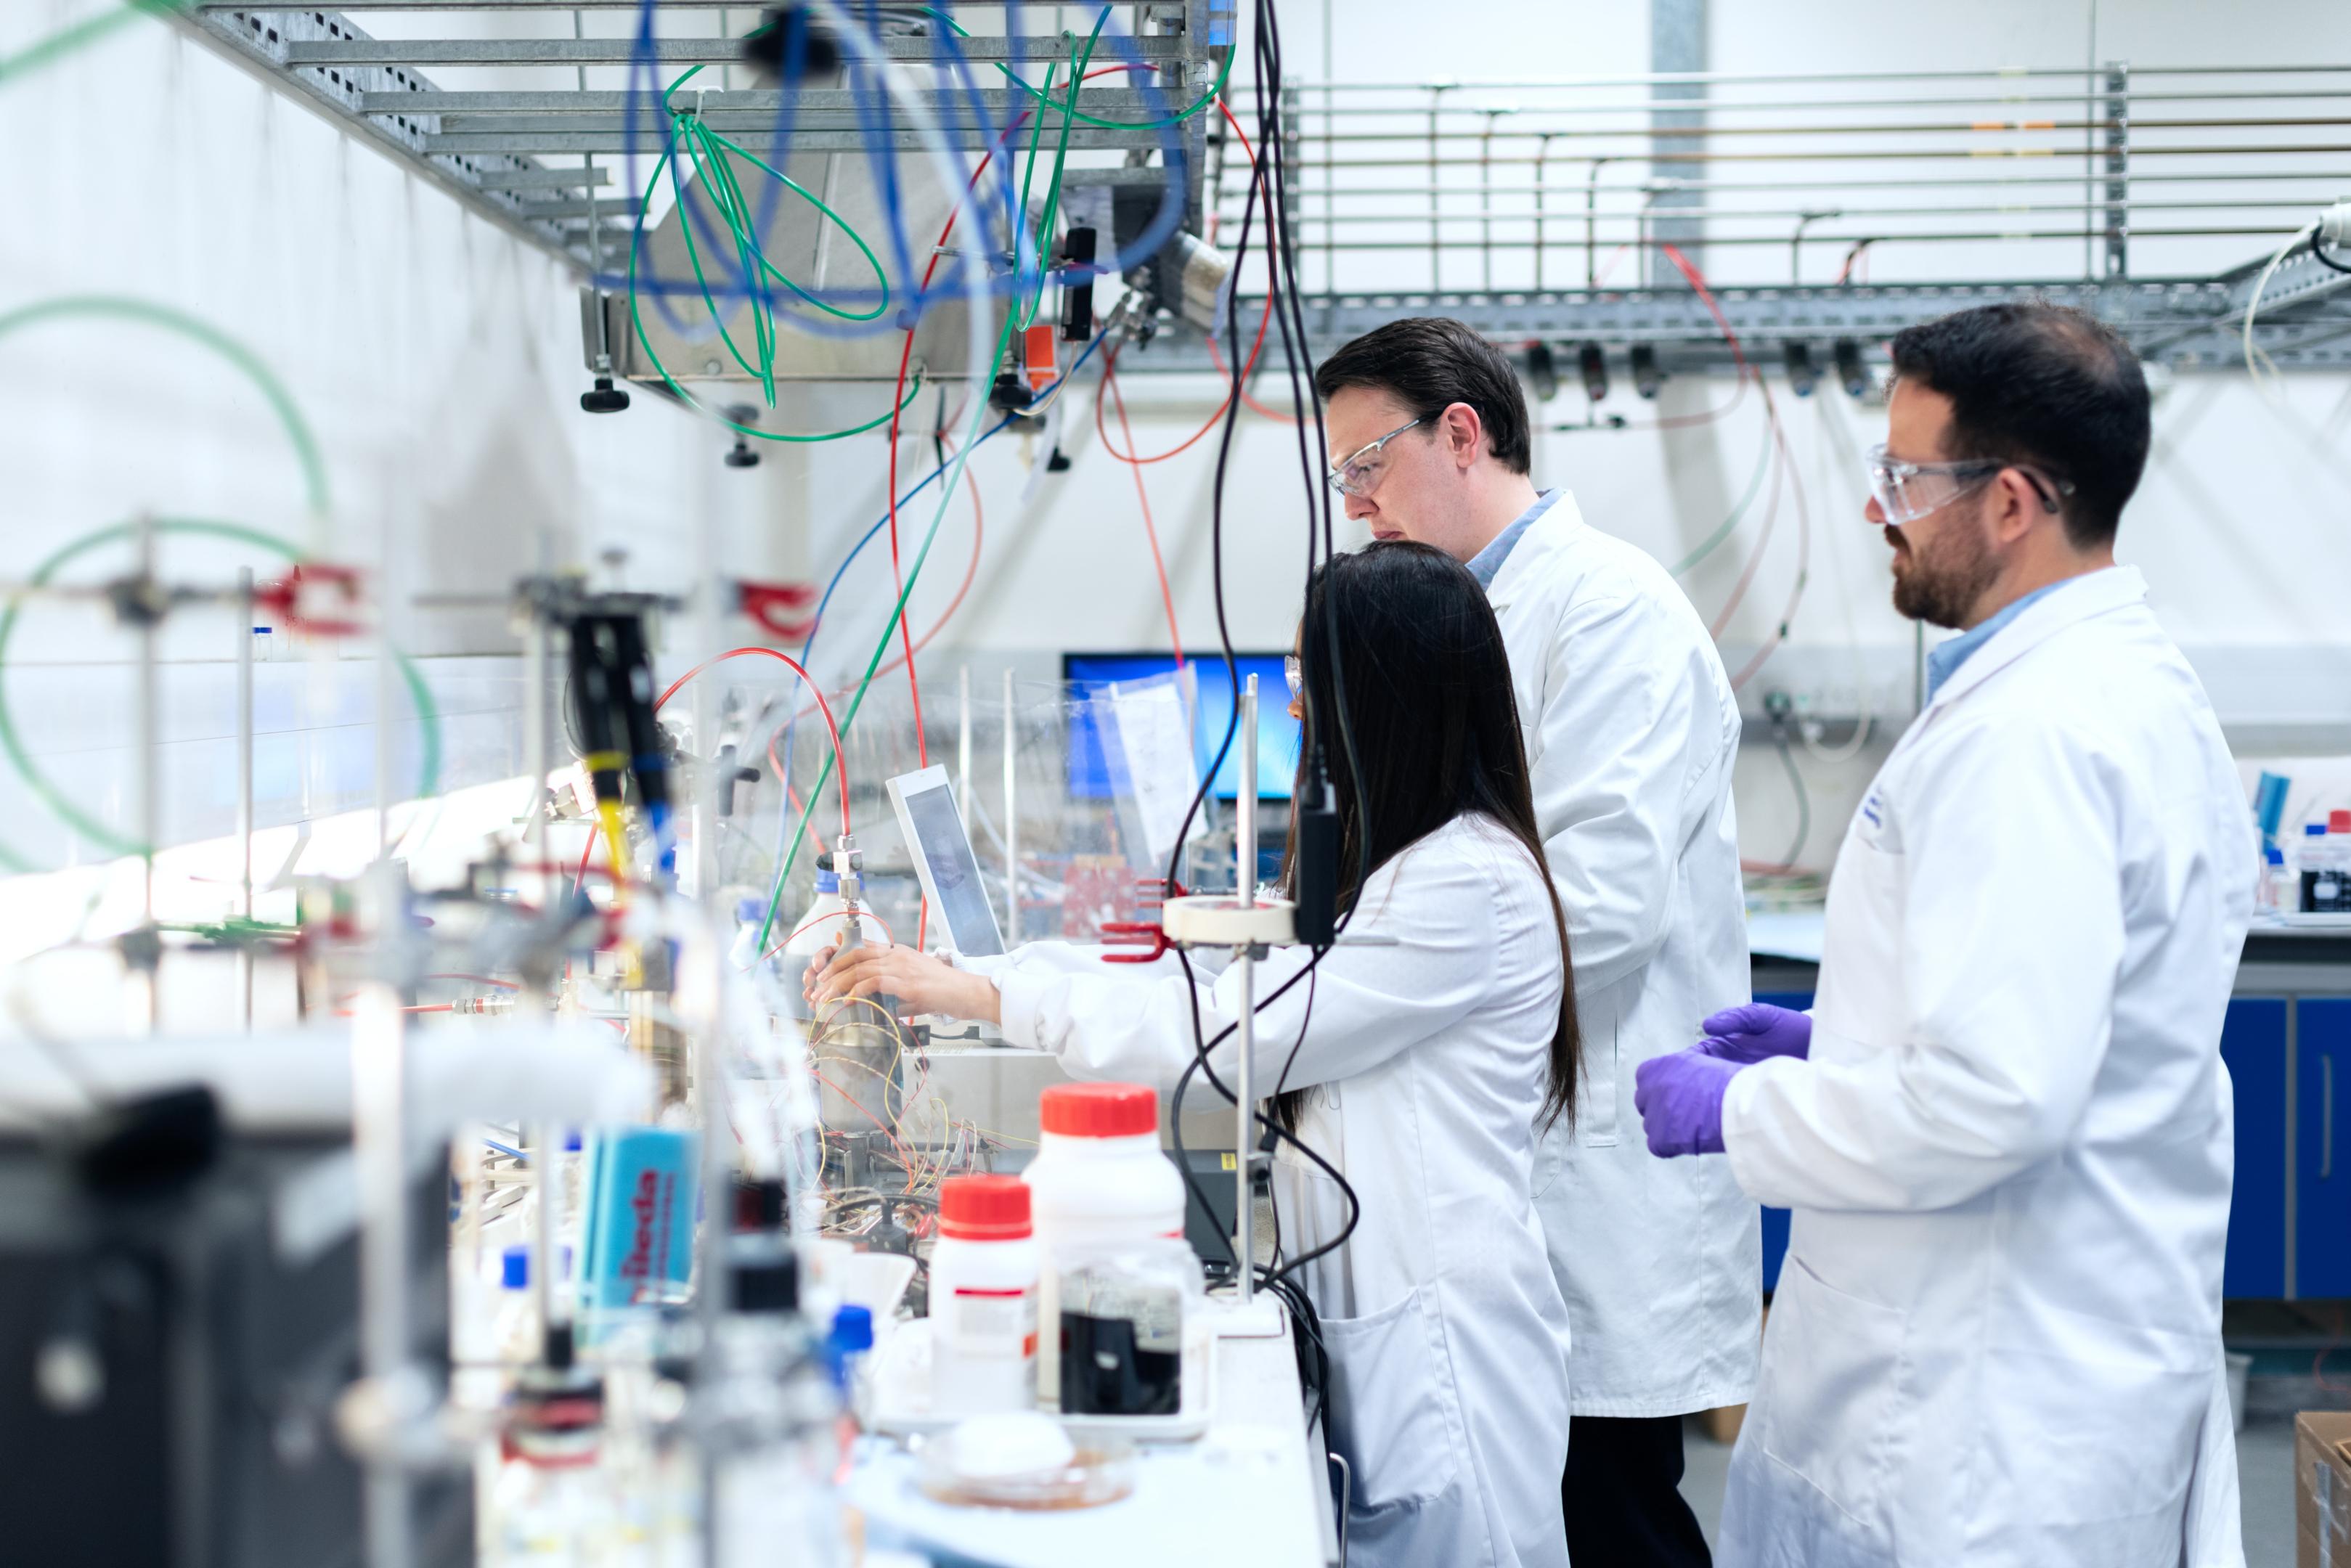 trois personnes dans un laboratoire